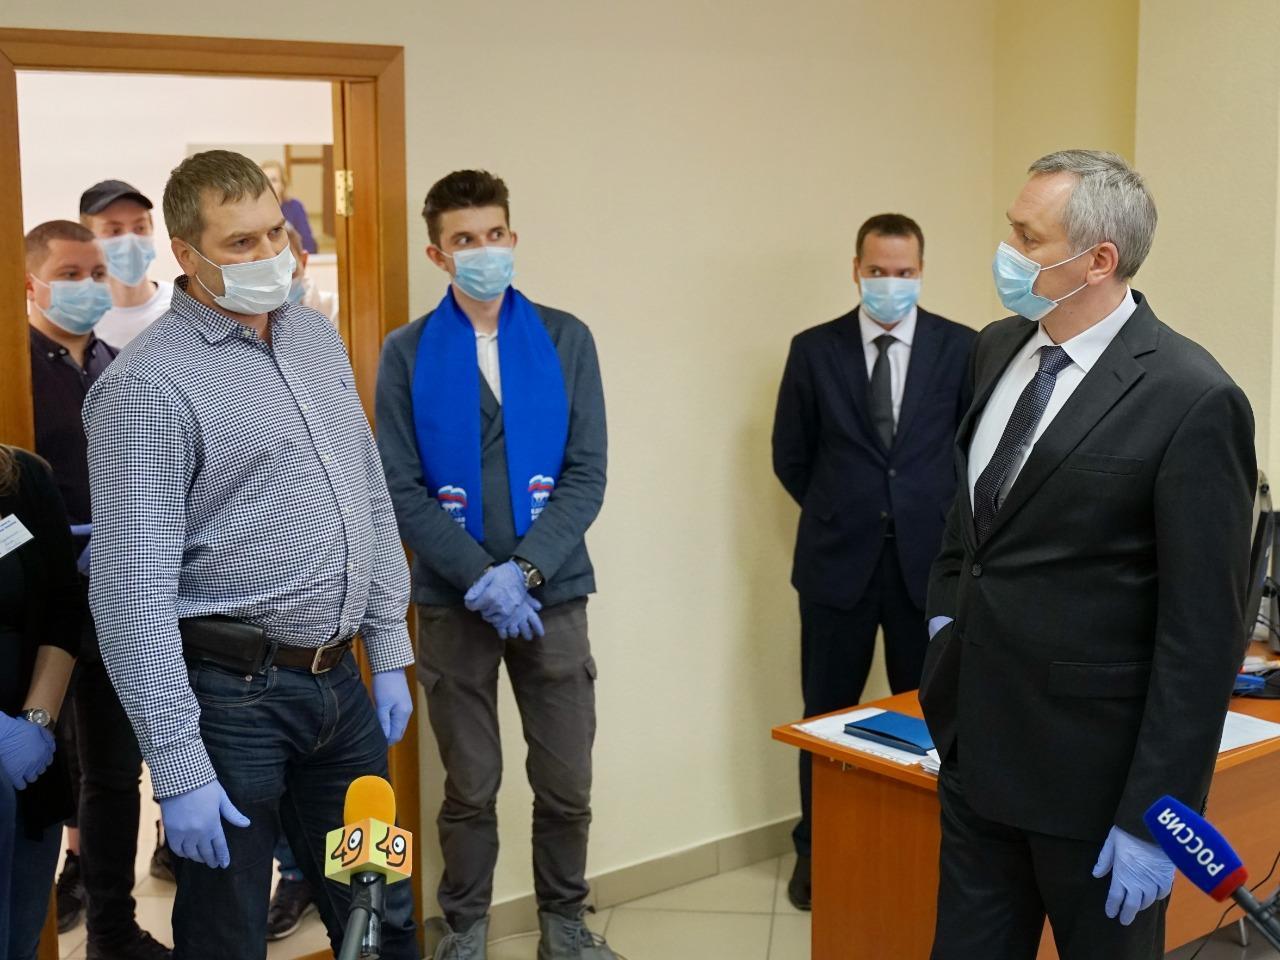 Фото Андрей Травников стал на время добровольцем и лично позвонил получившей помощь пенсионерке 3